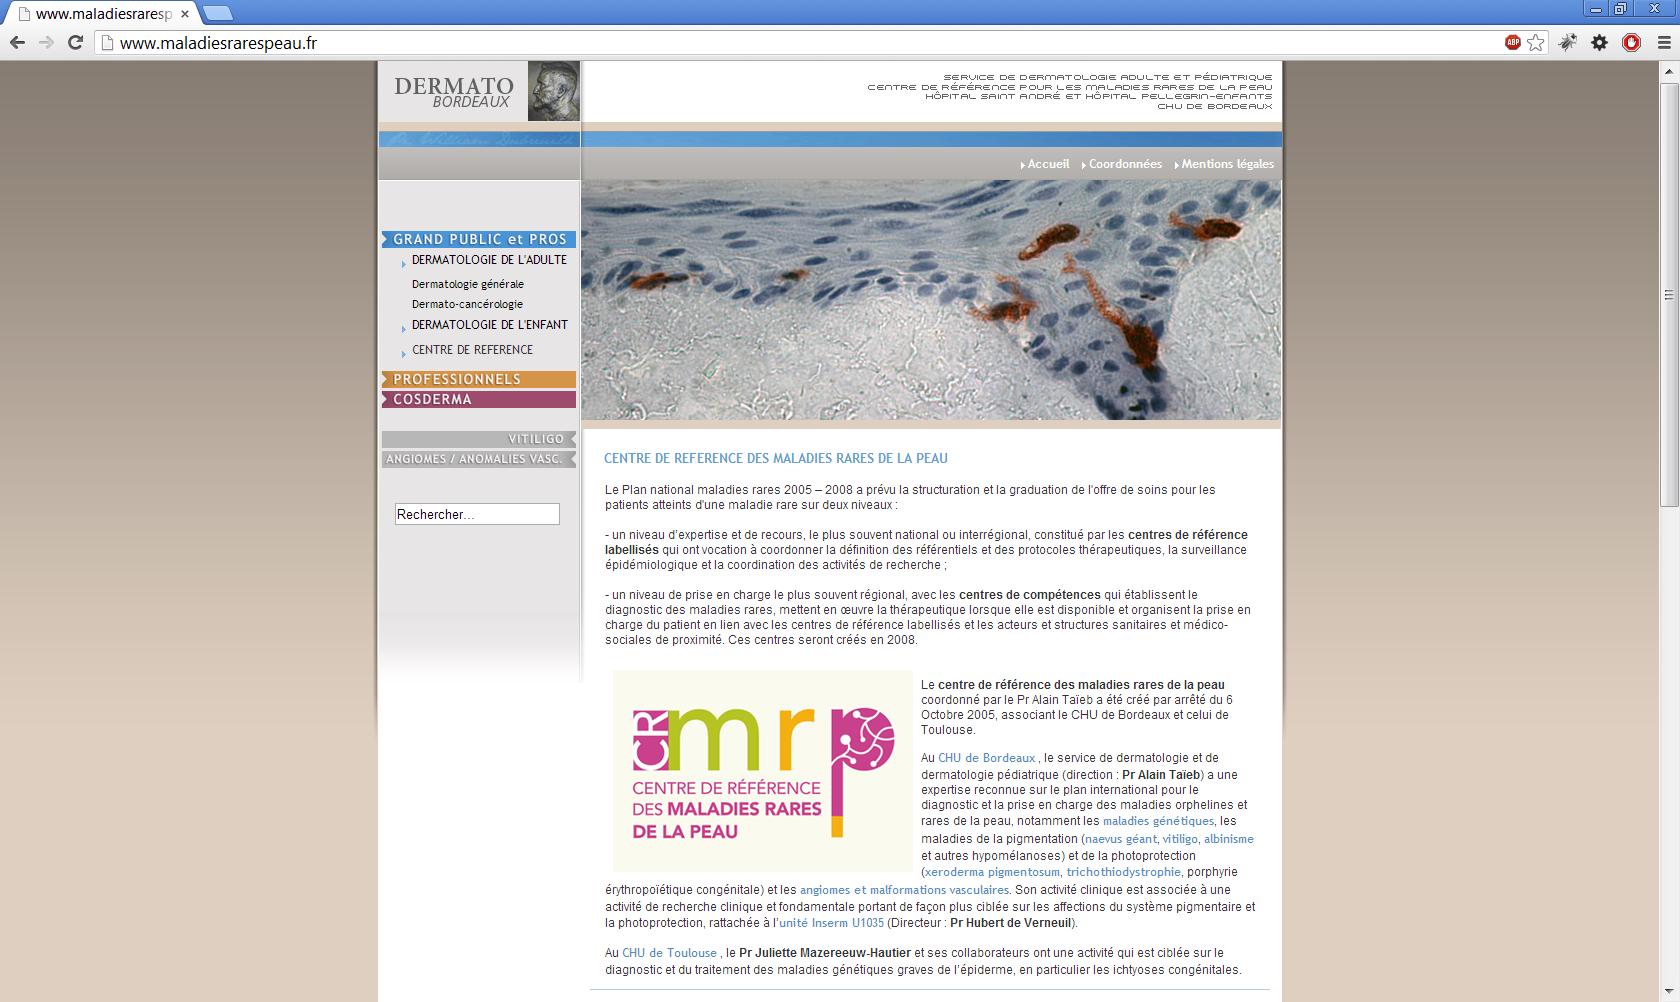 www.maladiesrarespeau.fr